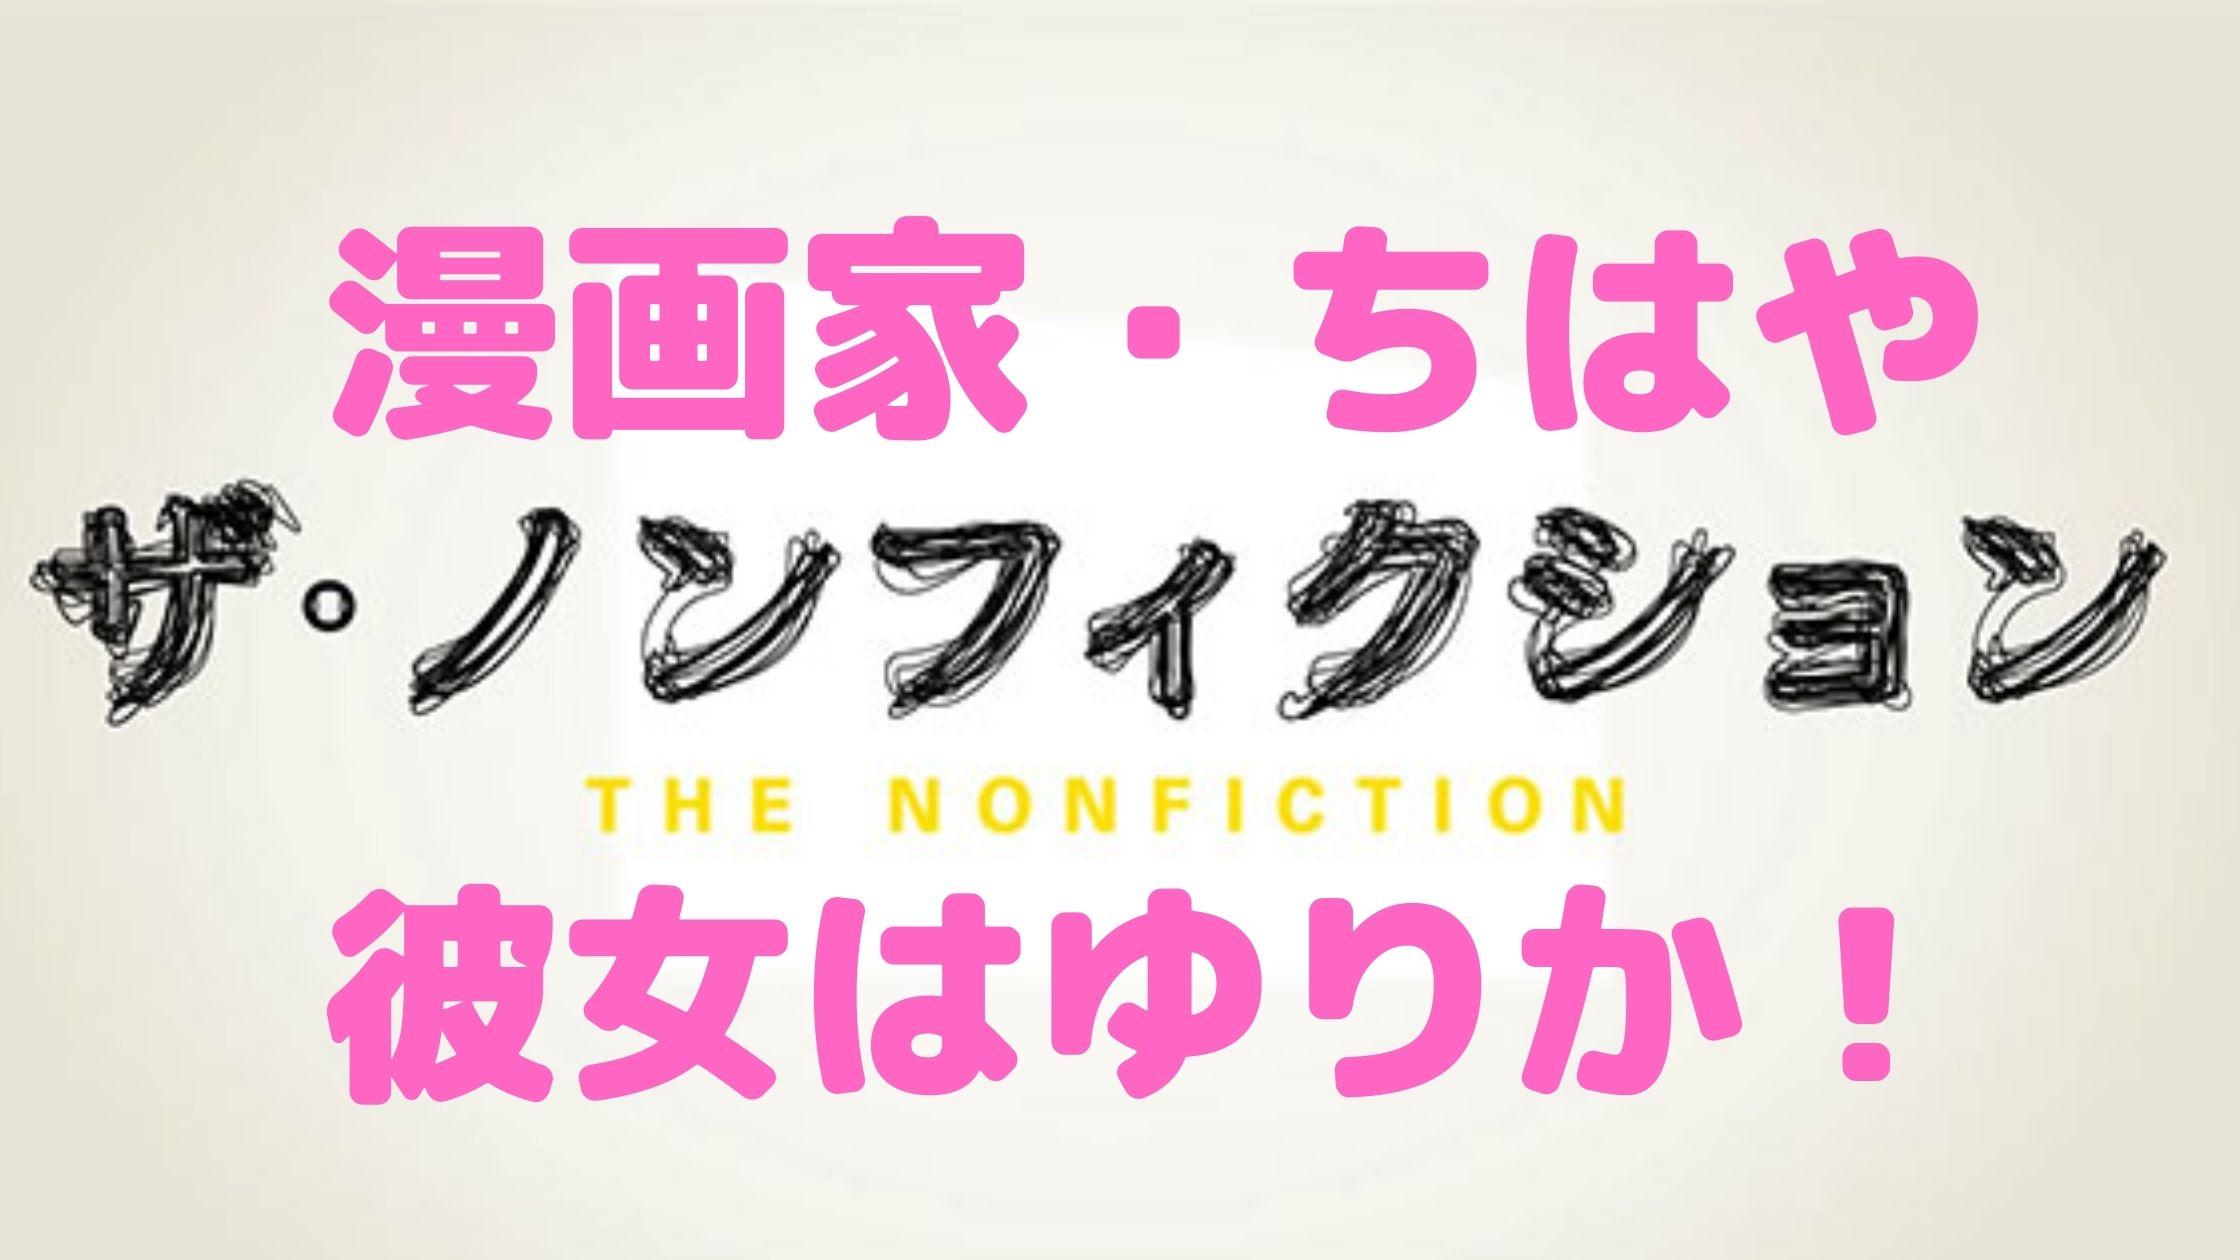 ザ・ノンフィクション 小栗千隼 ちはや 漫画家 学歴 経歴 プロフィール 彼女 ゆりか マンション どこ